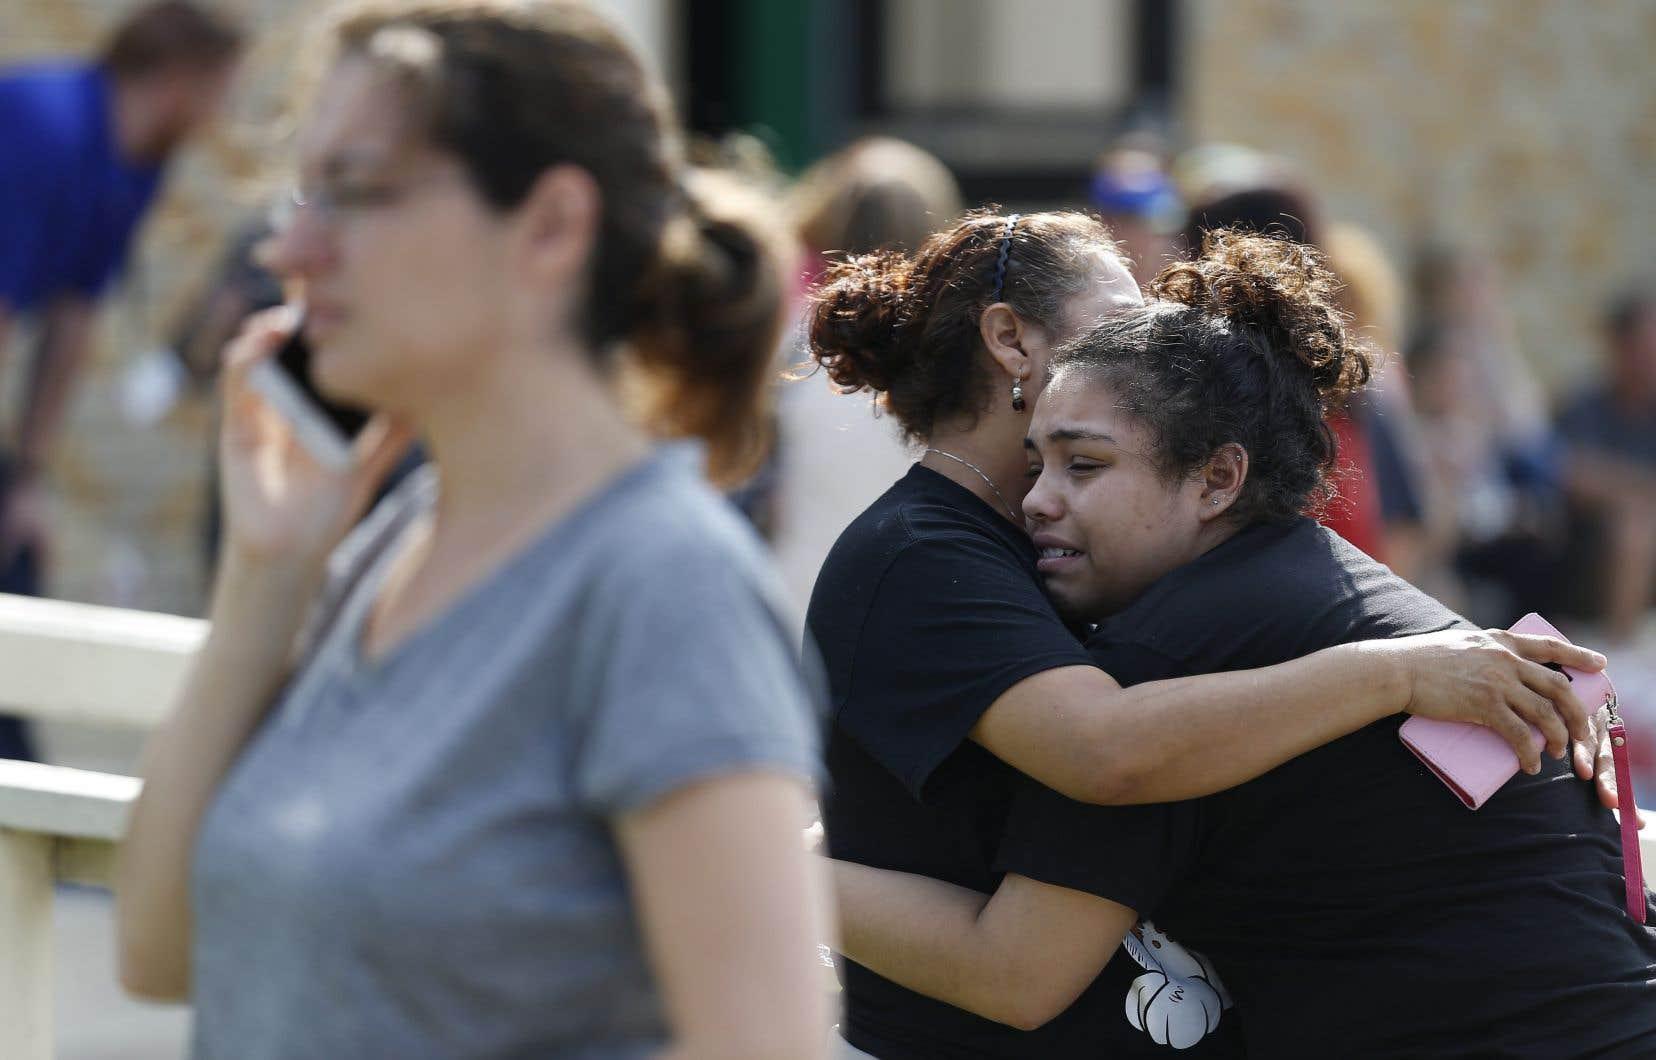 Une fusillade est survenue vendredi matin à l'école secondaire de Santa Fe, non loin de Houston, au Texas.